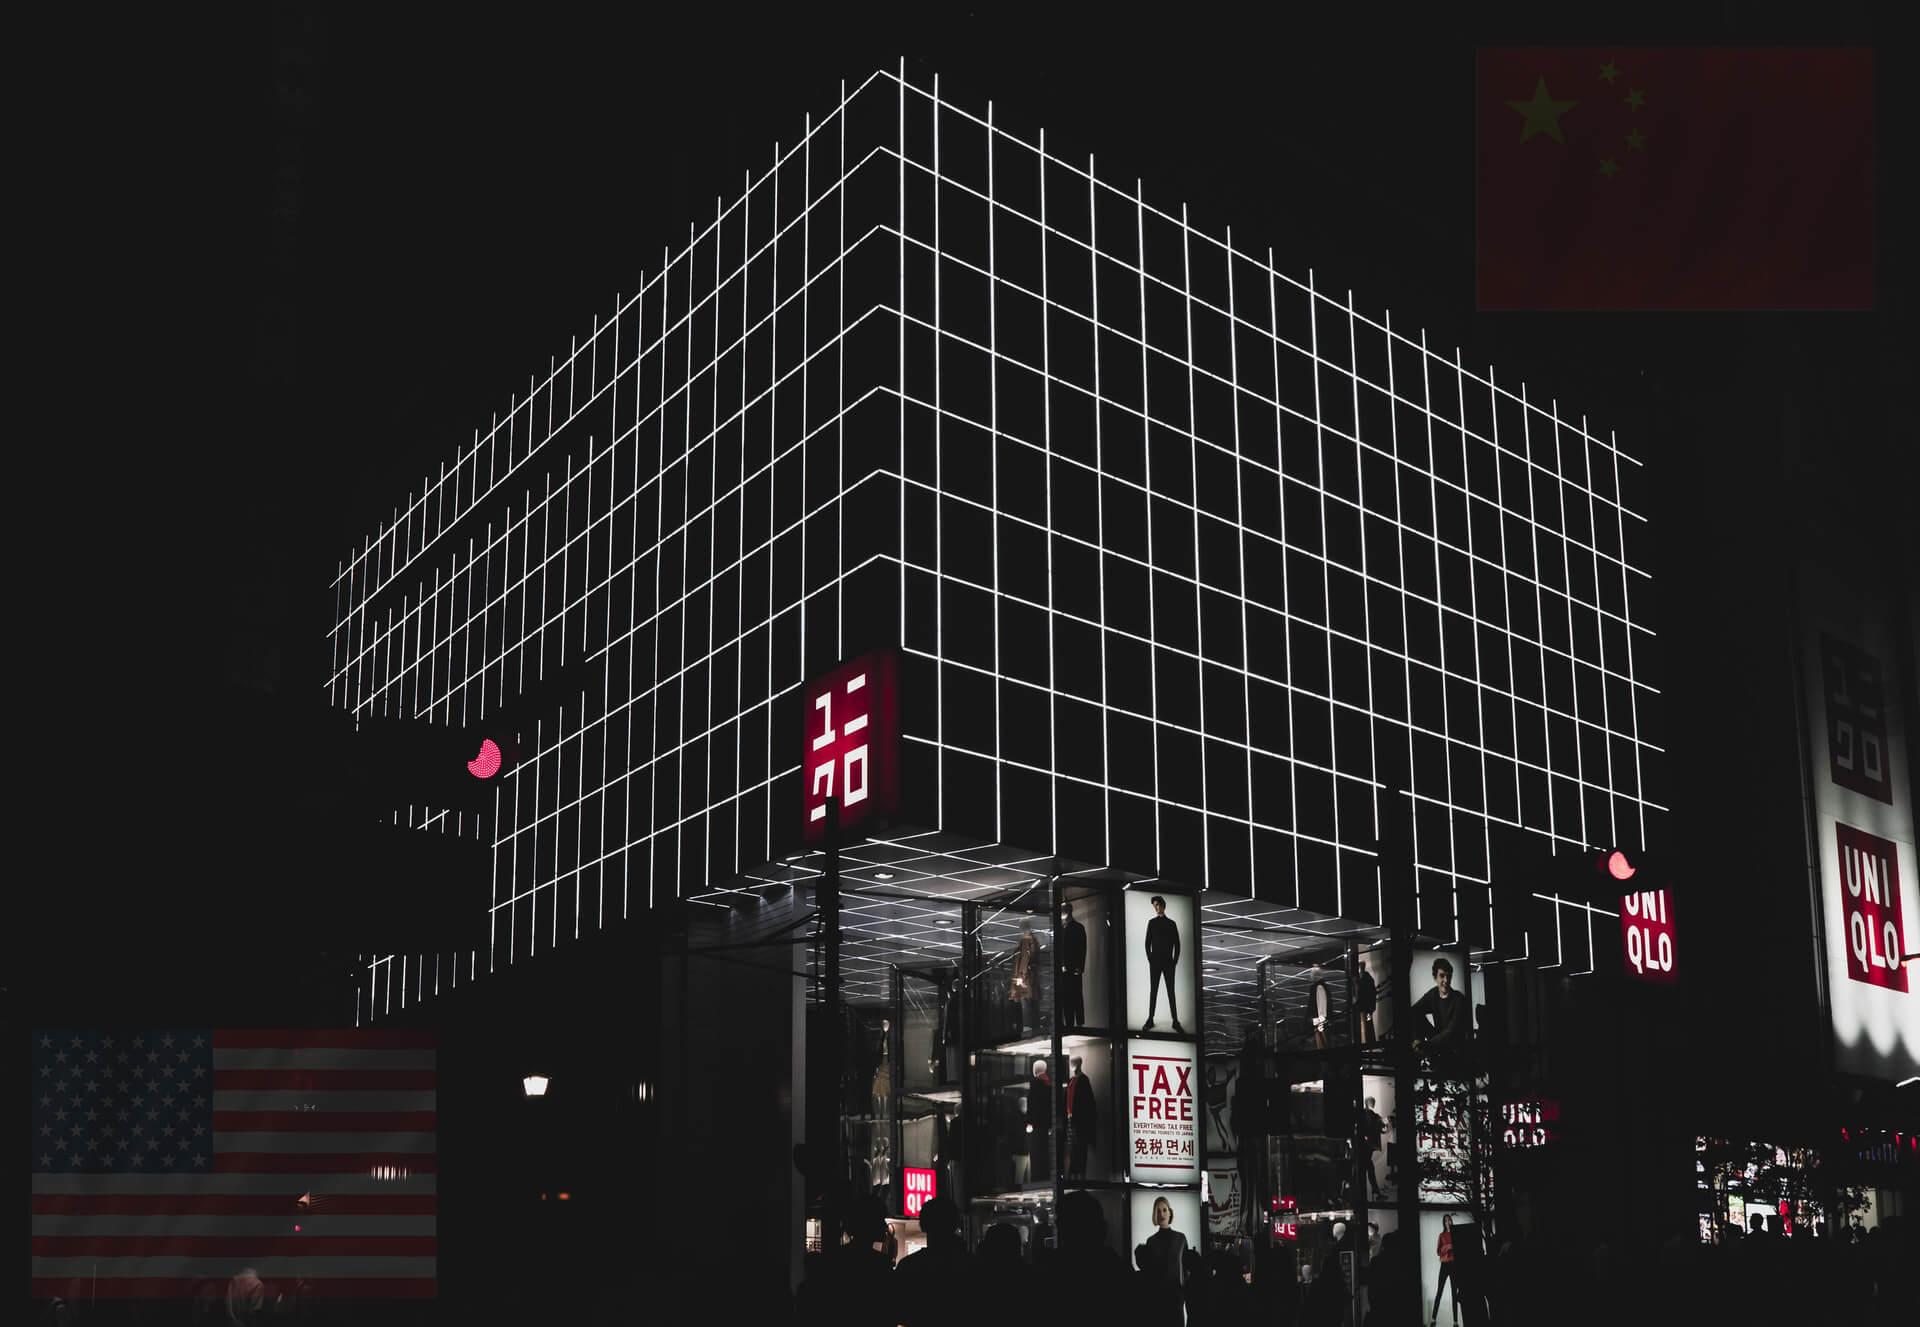 ユニクロの米輸入停止・カゴメの中国撤退の背景を解説 / 「人権デューデリジェンス」が日本企業の海外ビジネスに与える影響とは?